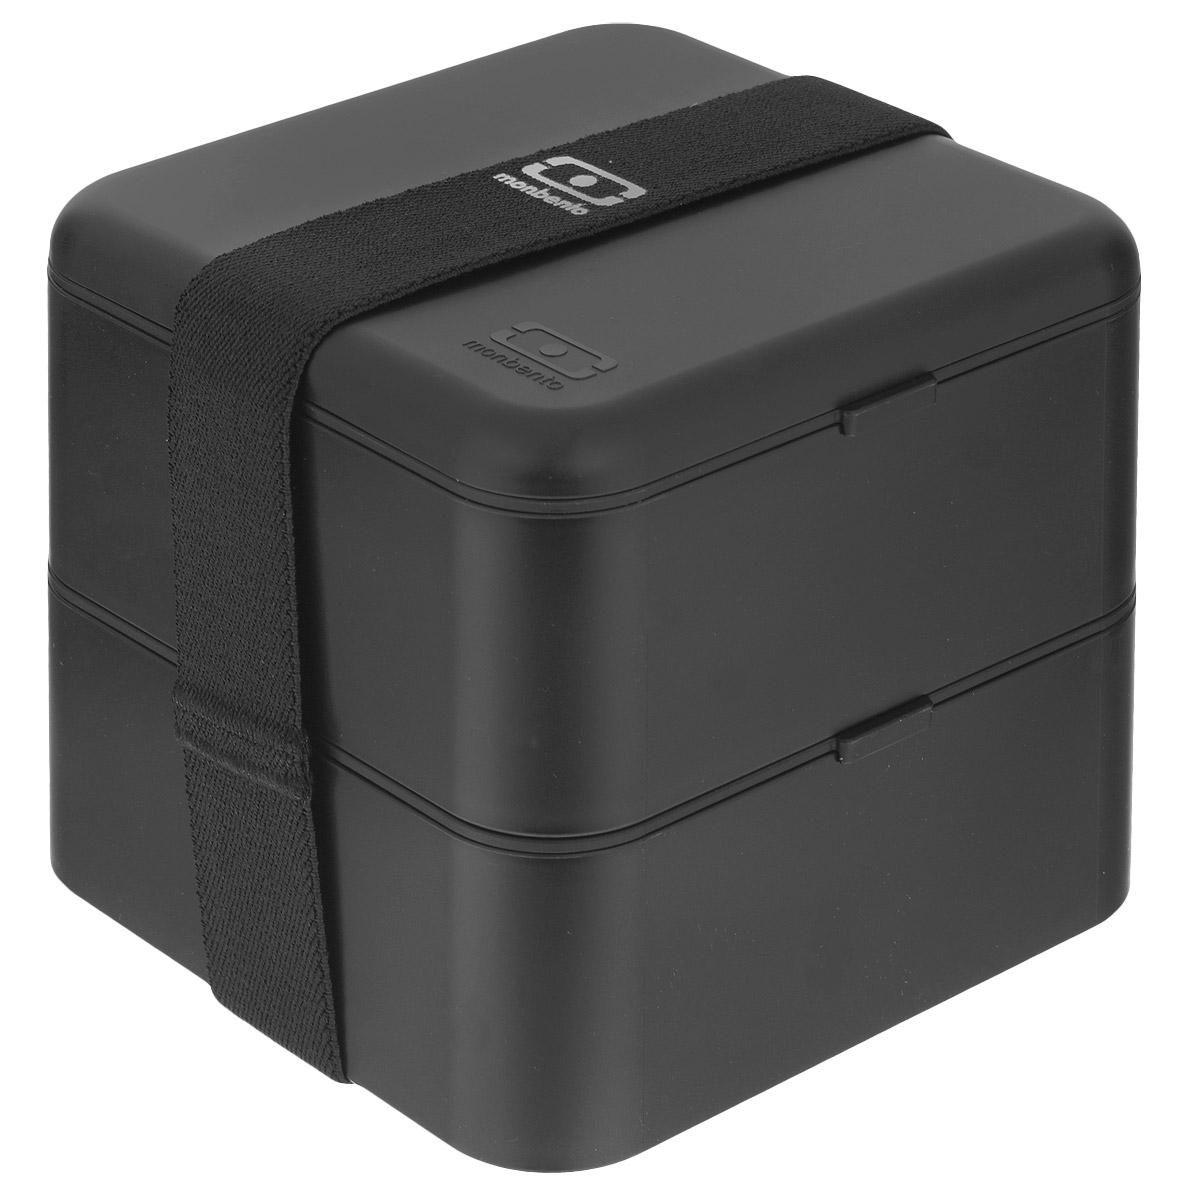 Ланчбокс Monbento Square, цвет: черный, 1,7 л1200 03 002Ланчбокс Monbento Square изготовлен из высококачественного пищевого пластика. Предназначен для хранения и переноски пищевых продуктов в больших порциях: подходит для салатов, бутербродов и других блюд. Ланчбокс представляет собой два квадратных контейнера, в которых удобно хранить сразу несколько видов блюд. Контейнеры вакуумные, что позволяет продуктам дольше оставаться свежими и вкусными. Контейнеры скрепляются эластичной резинкой. Компактные размеры позволят уместить ланчбокс в любой сумке. Его удобно взять с собой на работу, отдых, в поездку. Теперь любимая домашняя еда всегда будет под рукой, а яркий дизайн поднимет настроение и подарит заряд позитива. Можно использовать в микроволновой печи и для хранения пищи в холодильнике, можно мыть в посудомоечной машине. Объем: 1,7 л. Общий размер ланчбокса: 14 см х 14 см х 14 см. Размер контейнера: 14 см х 14 см х 8 см.